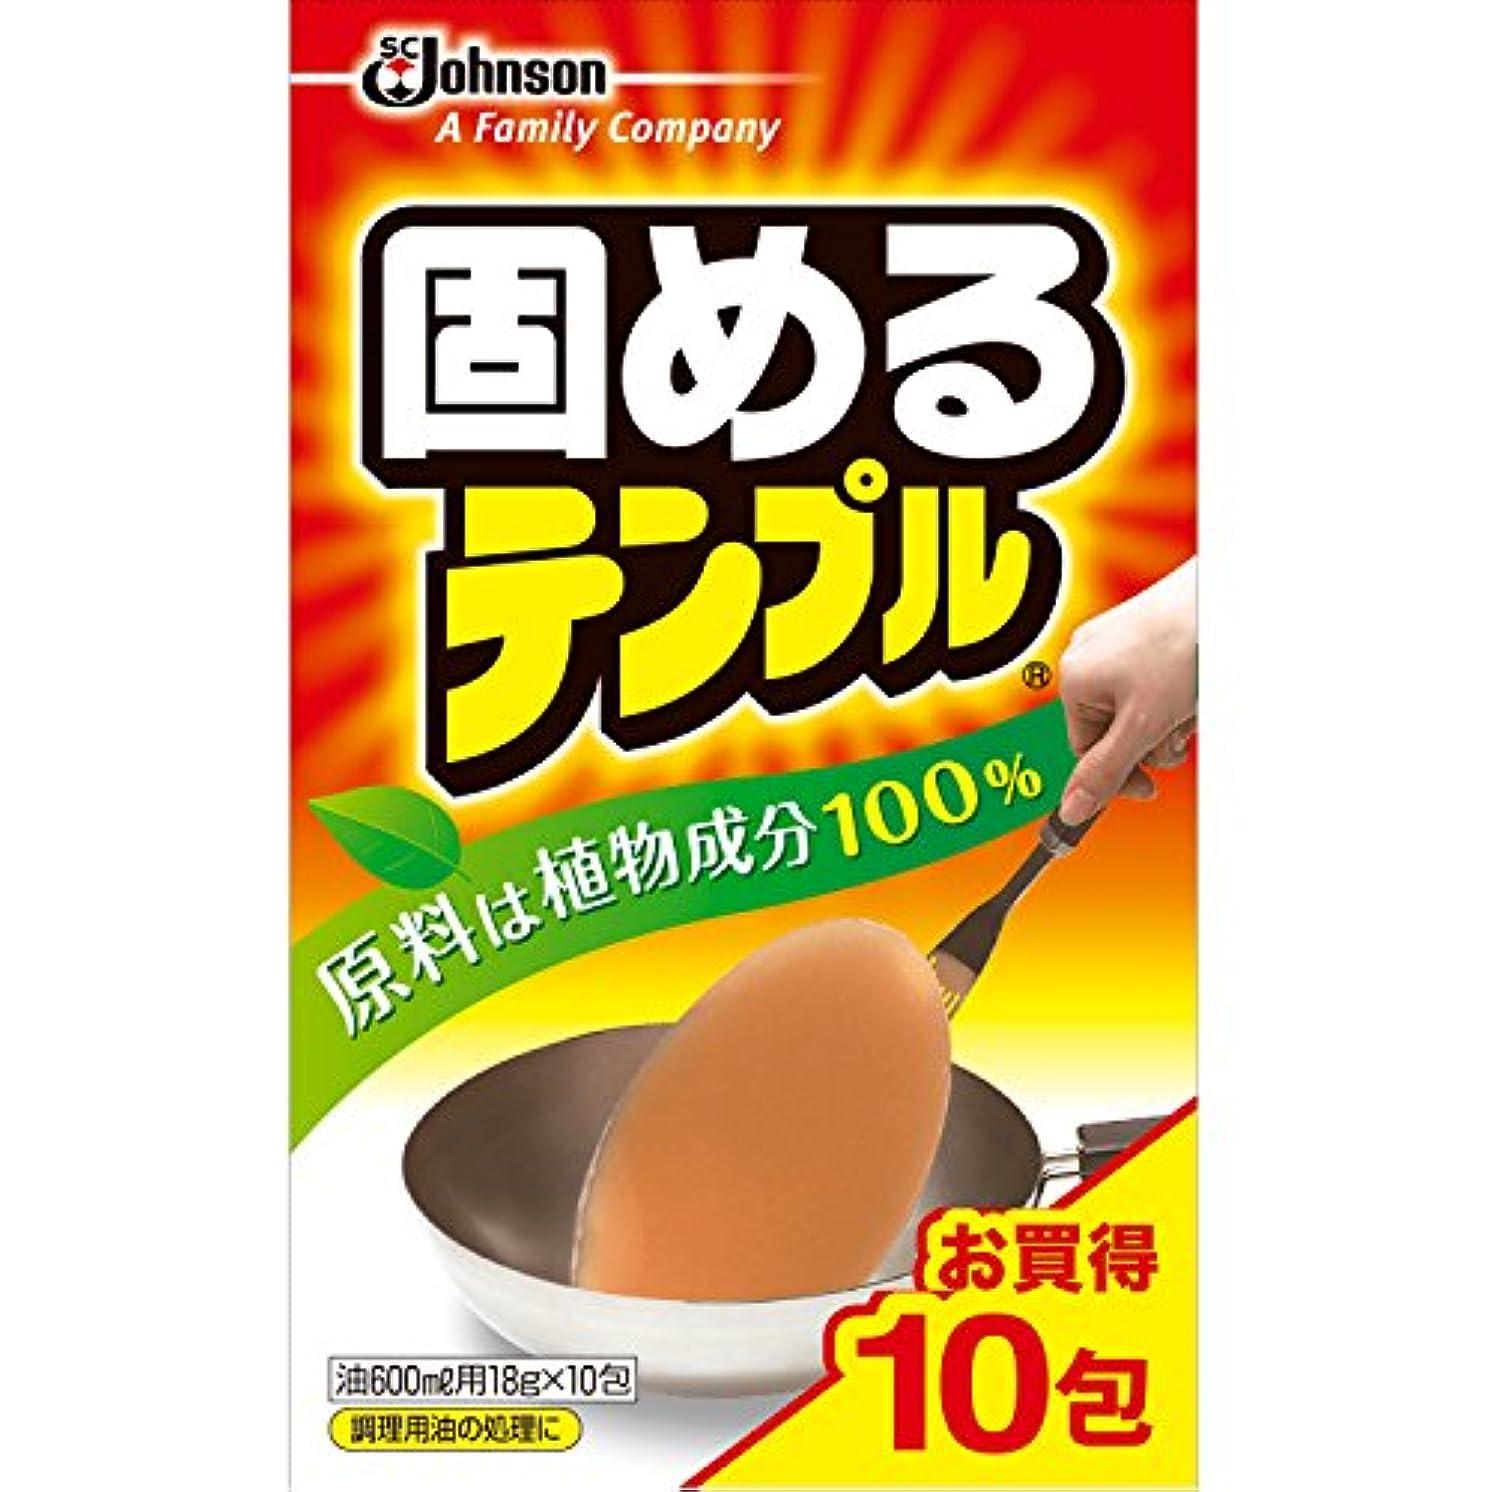 ぼんやりした涙が出る回るテンプル 油処理剤 固めるテンプル 10包入(1包当たり油600ml) 18g×10包